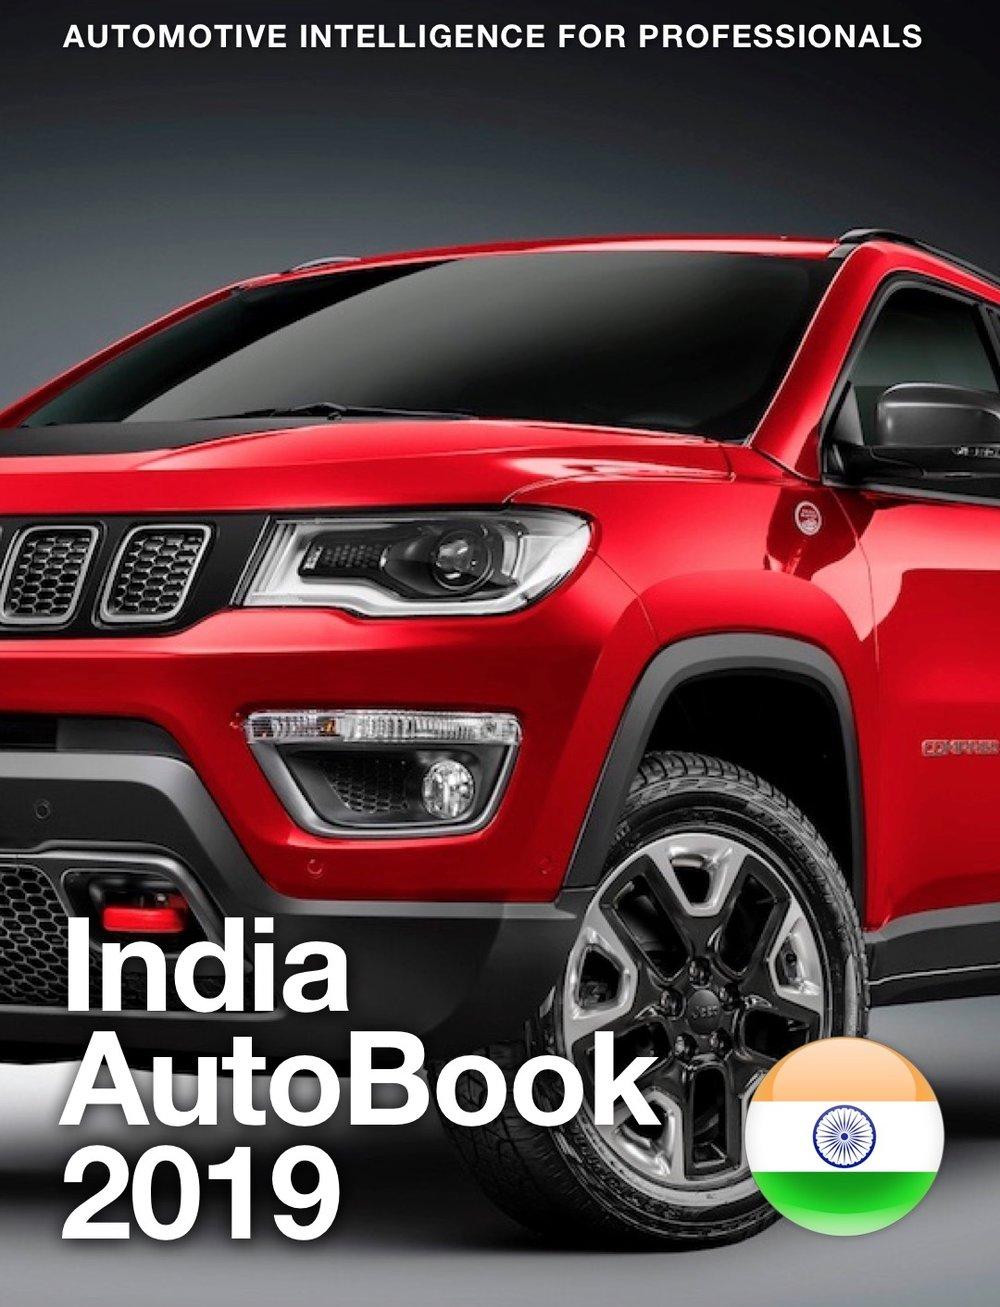 India AutoBook 2019 Cover.jpg